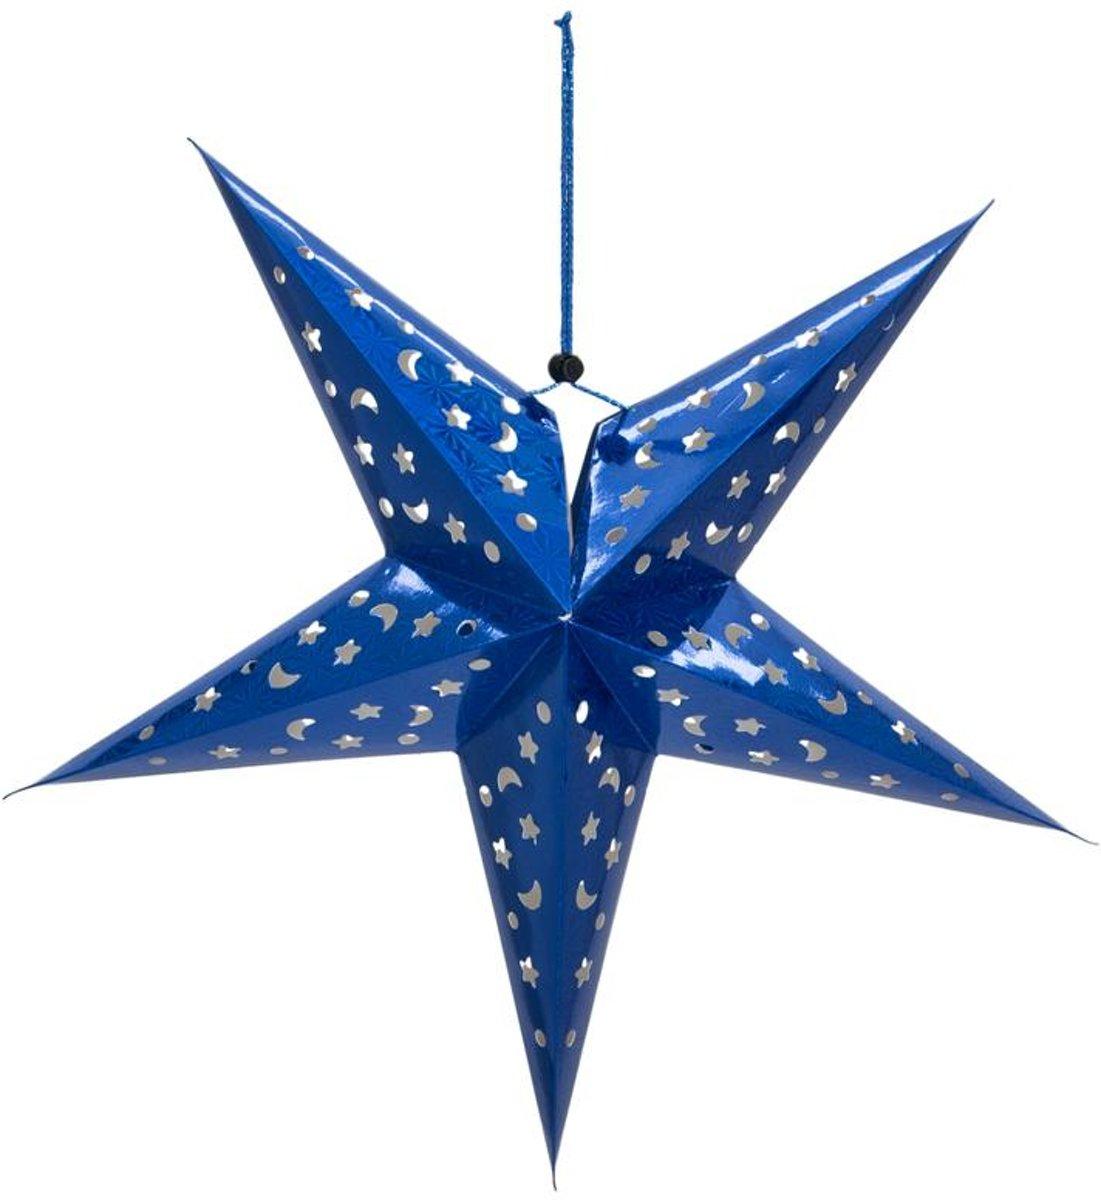 Europalms Kerstster - Papier - Blauw - 40 cm - opvouwbaar - Kerstdecoratie kopen